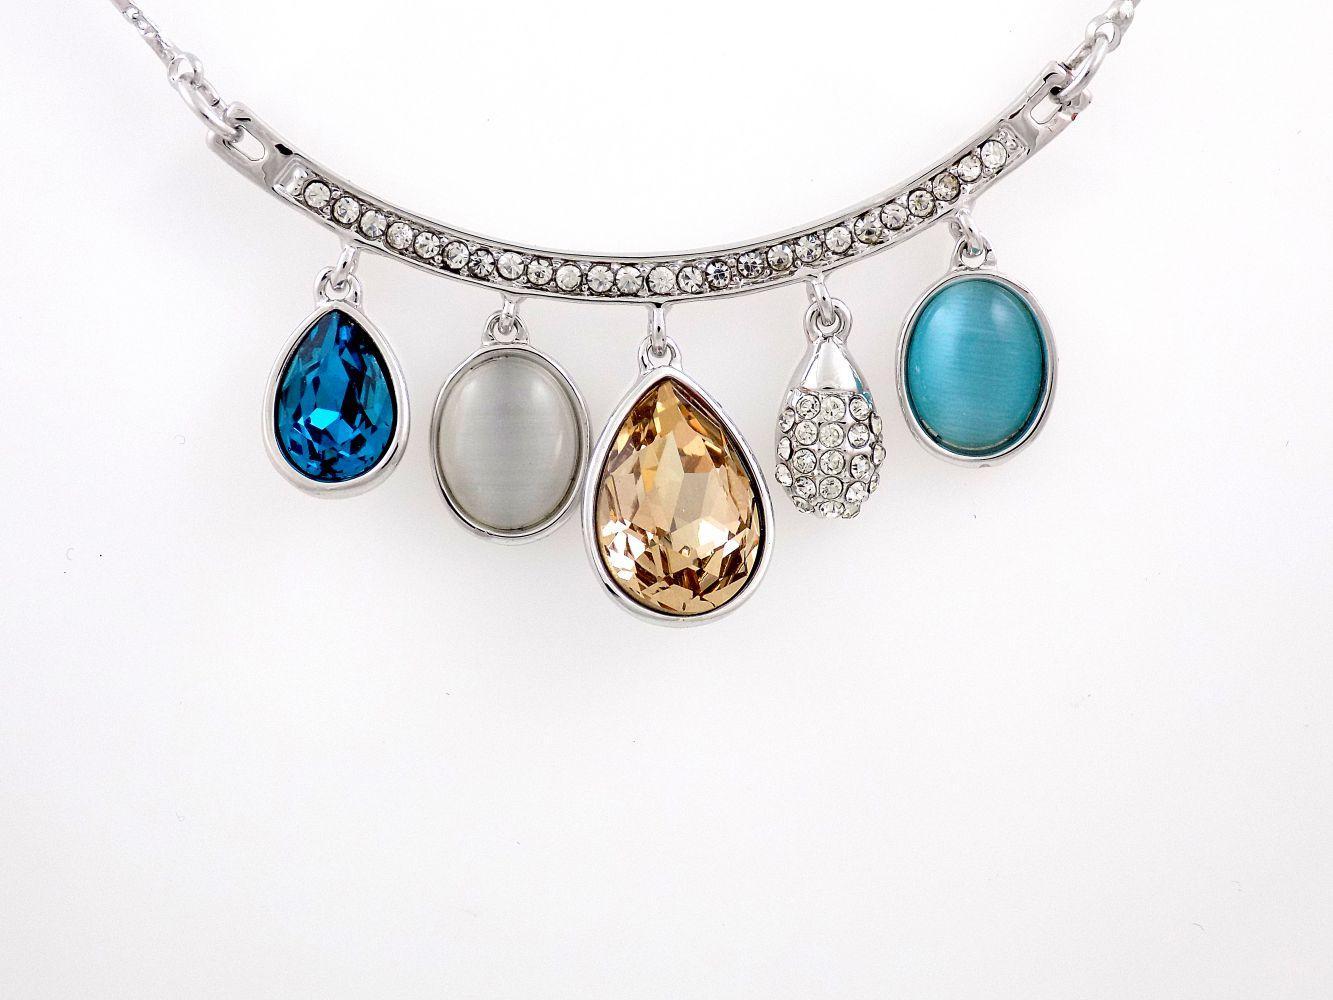 گردنبند دخترانه جواهری کلیو با نگین های رنگی سواروسکی اصل Nw-n132 از نمای نزدیک